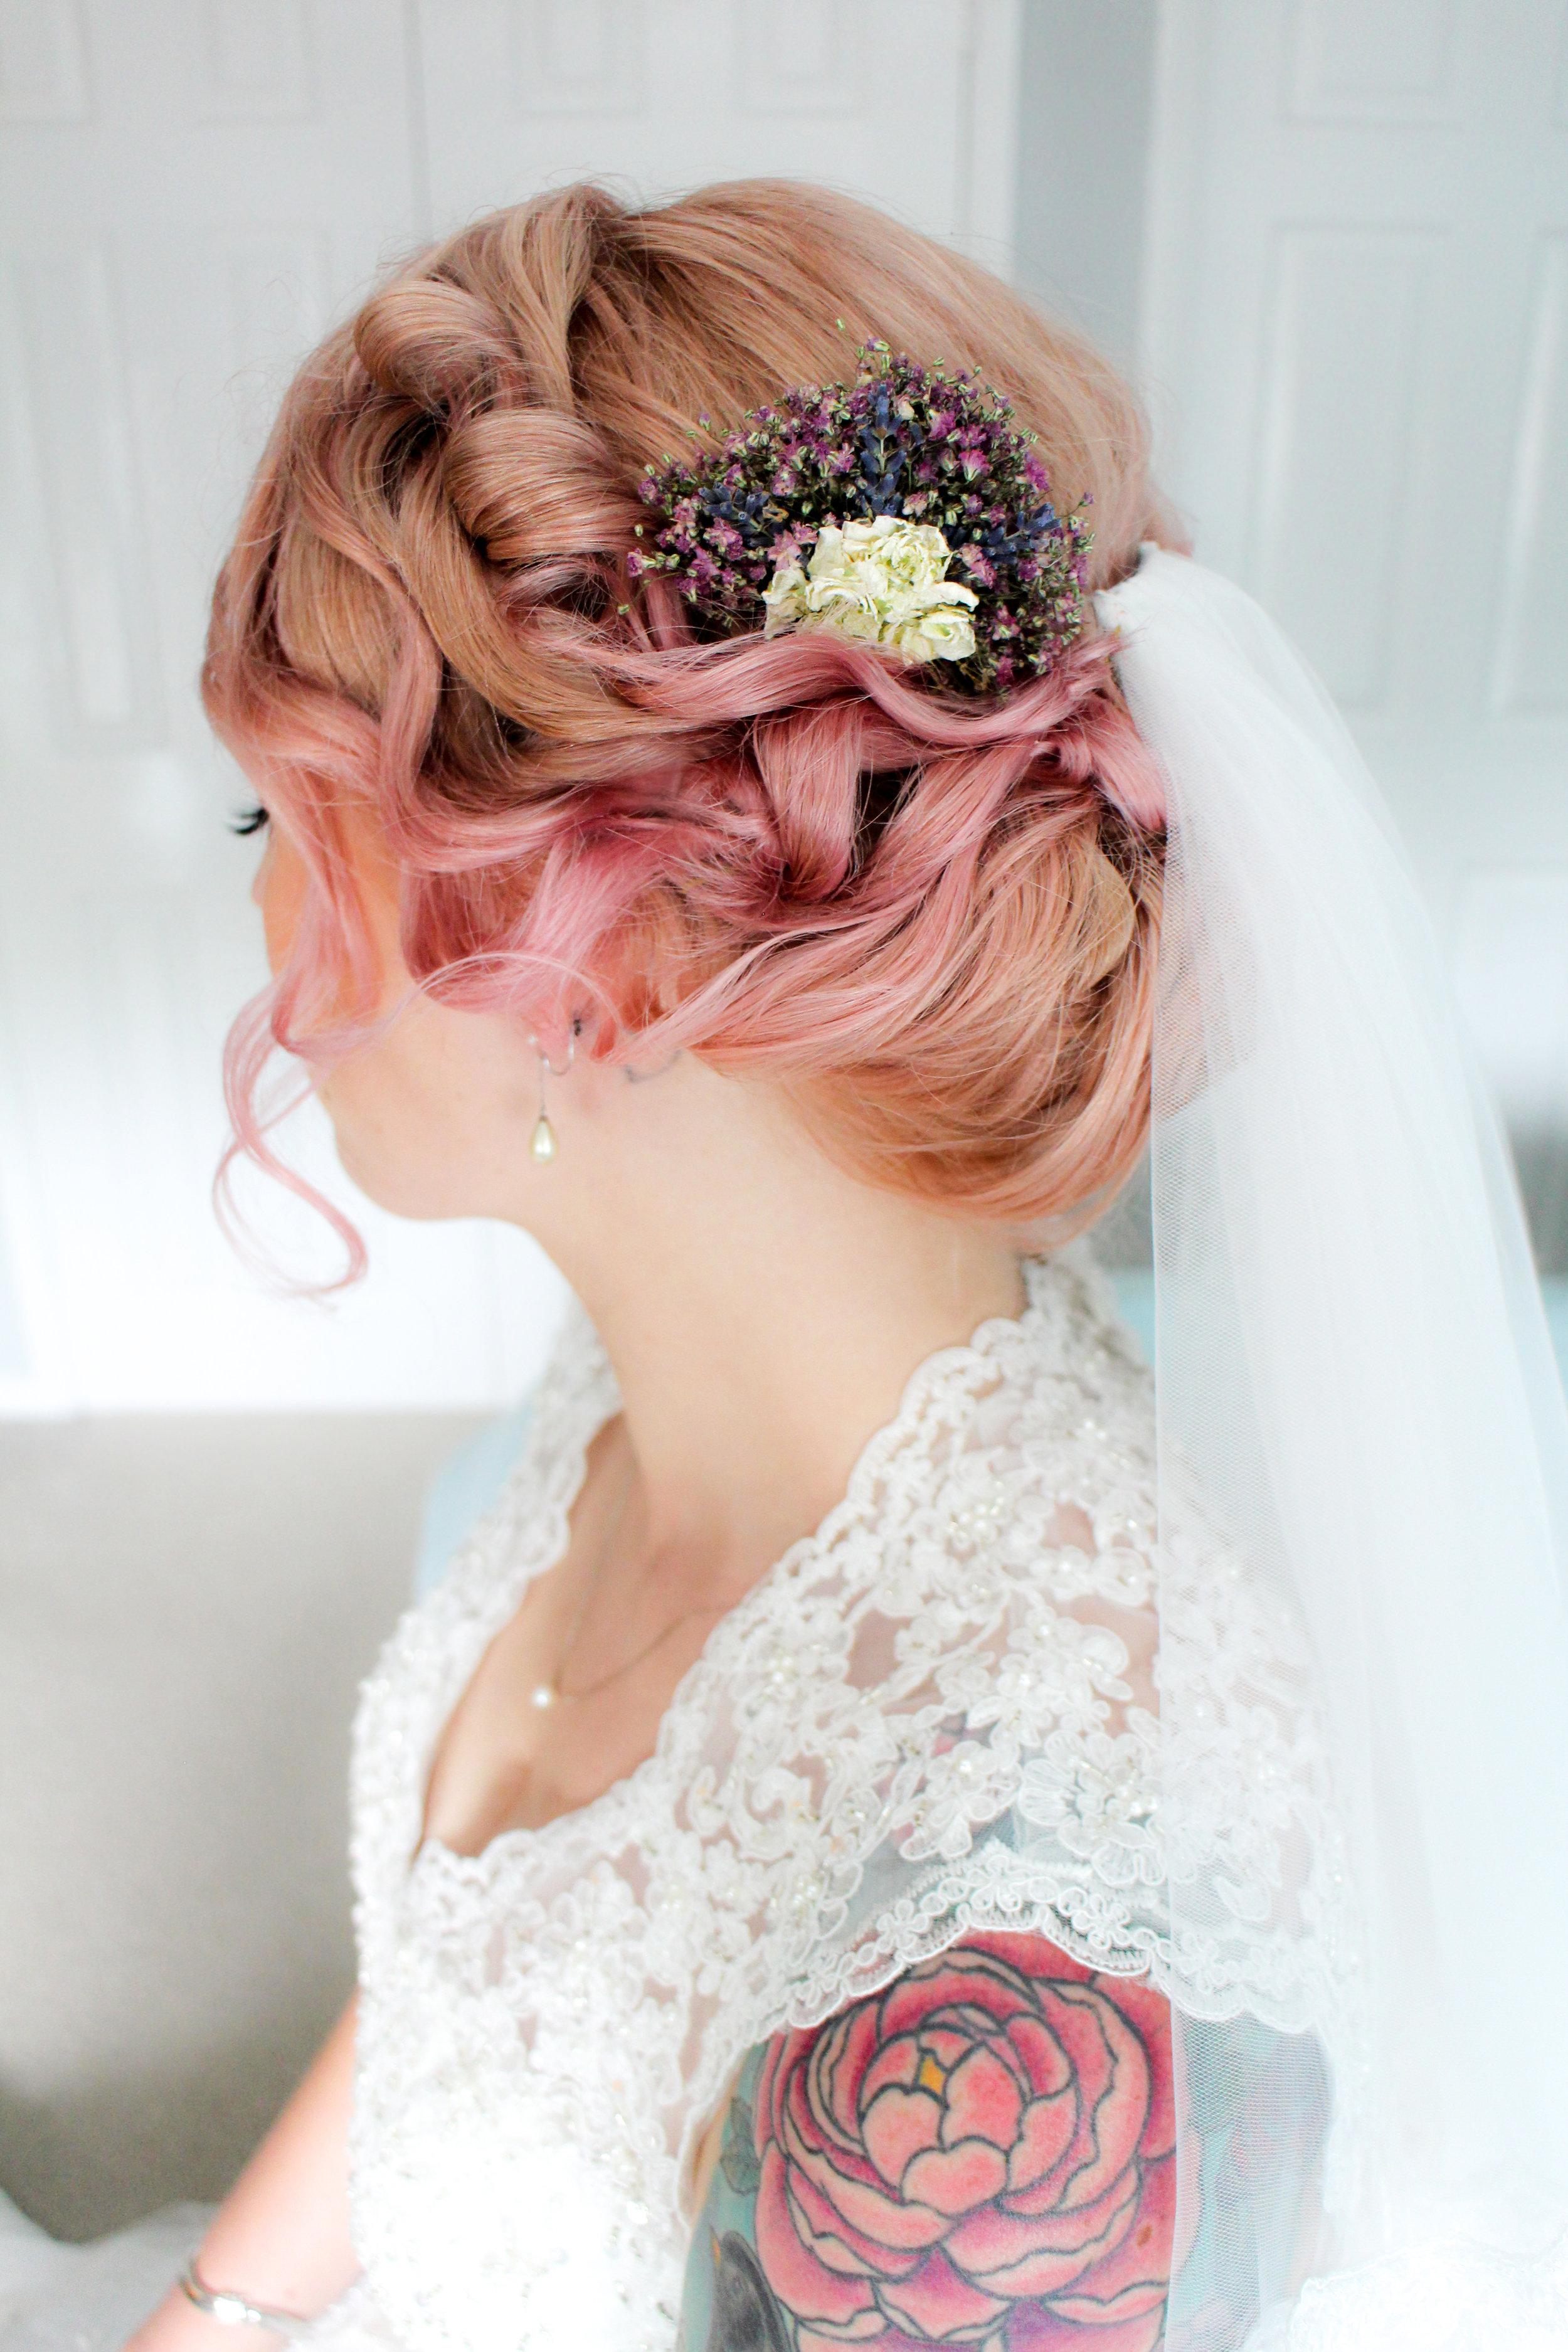 katie alt bride makeup artist hair IMG_6768.jpg